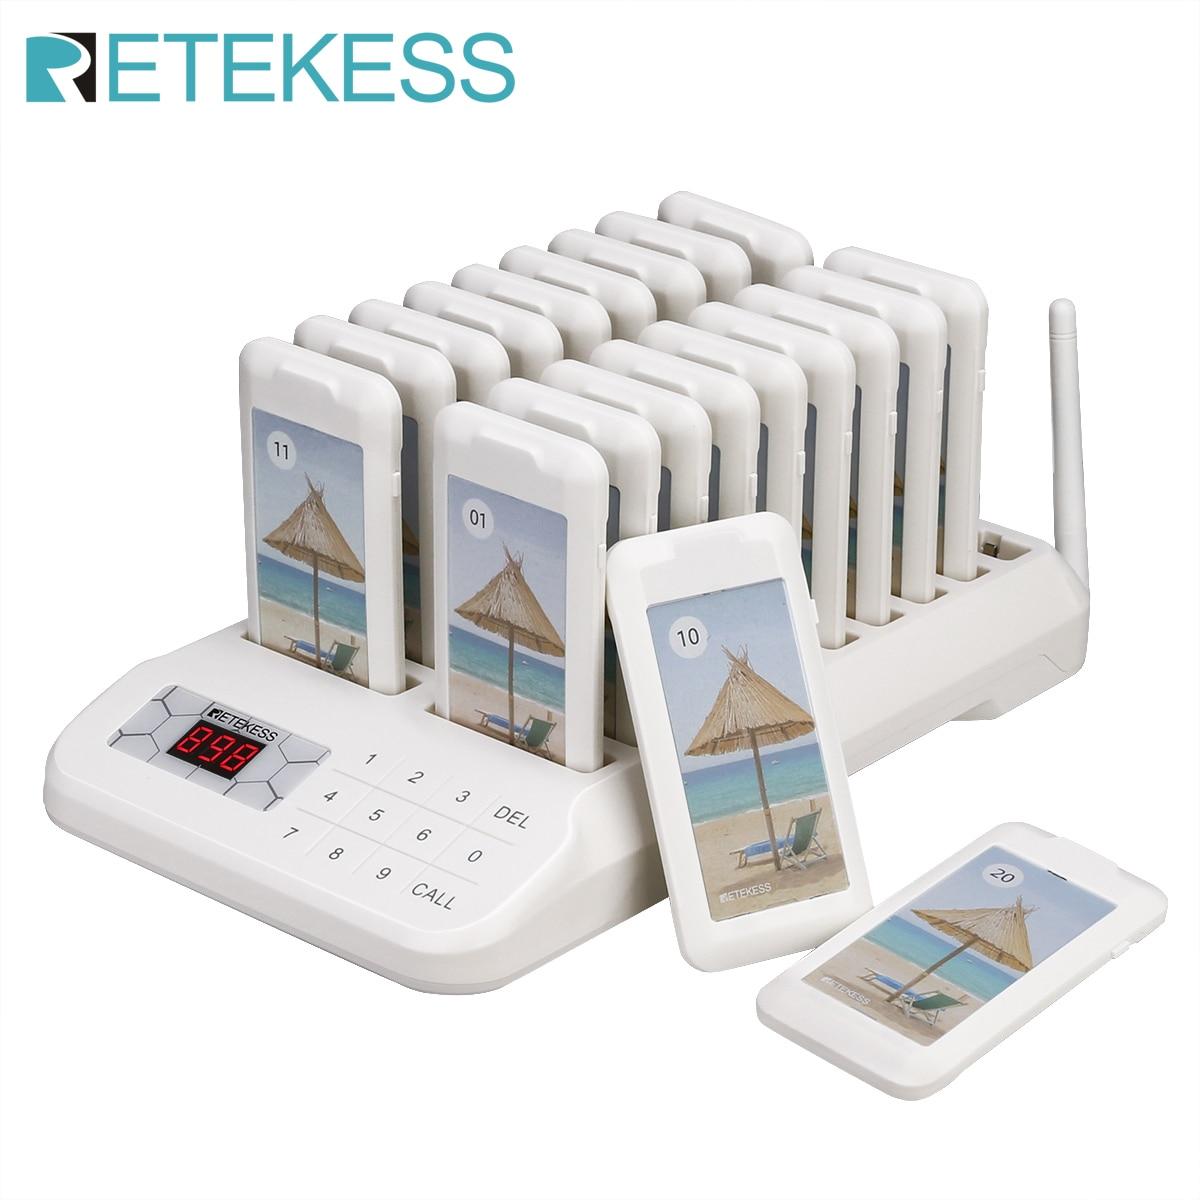 Retekess TD172 ресторанная пейджер Беспроводная система вызова с 20 каботажными пейджерами система очереди для ресторана церковная Детская клини...